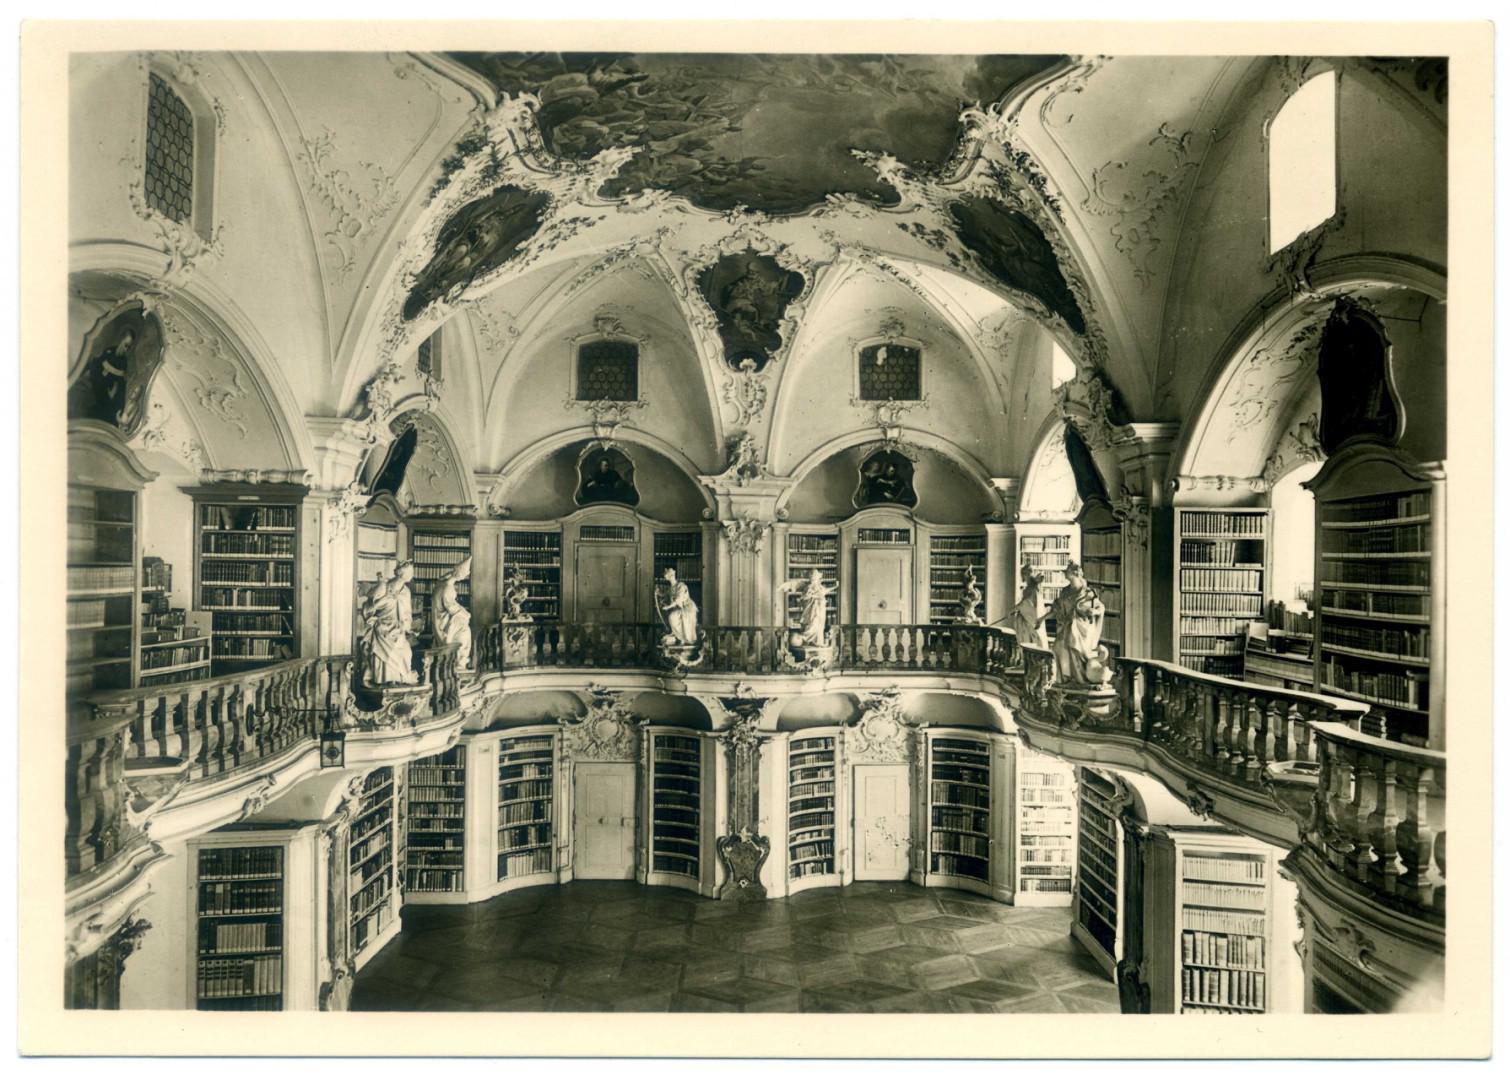 Kloster St. Peter auf dem Schwarzwald, BIbliothek